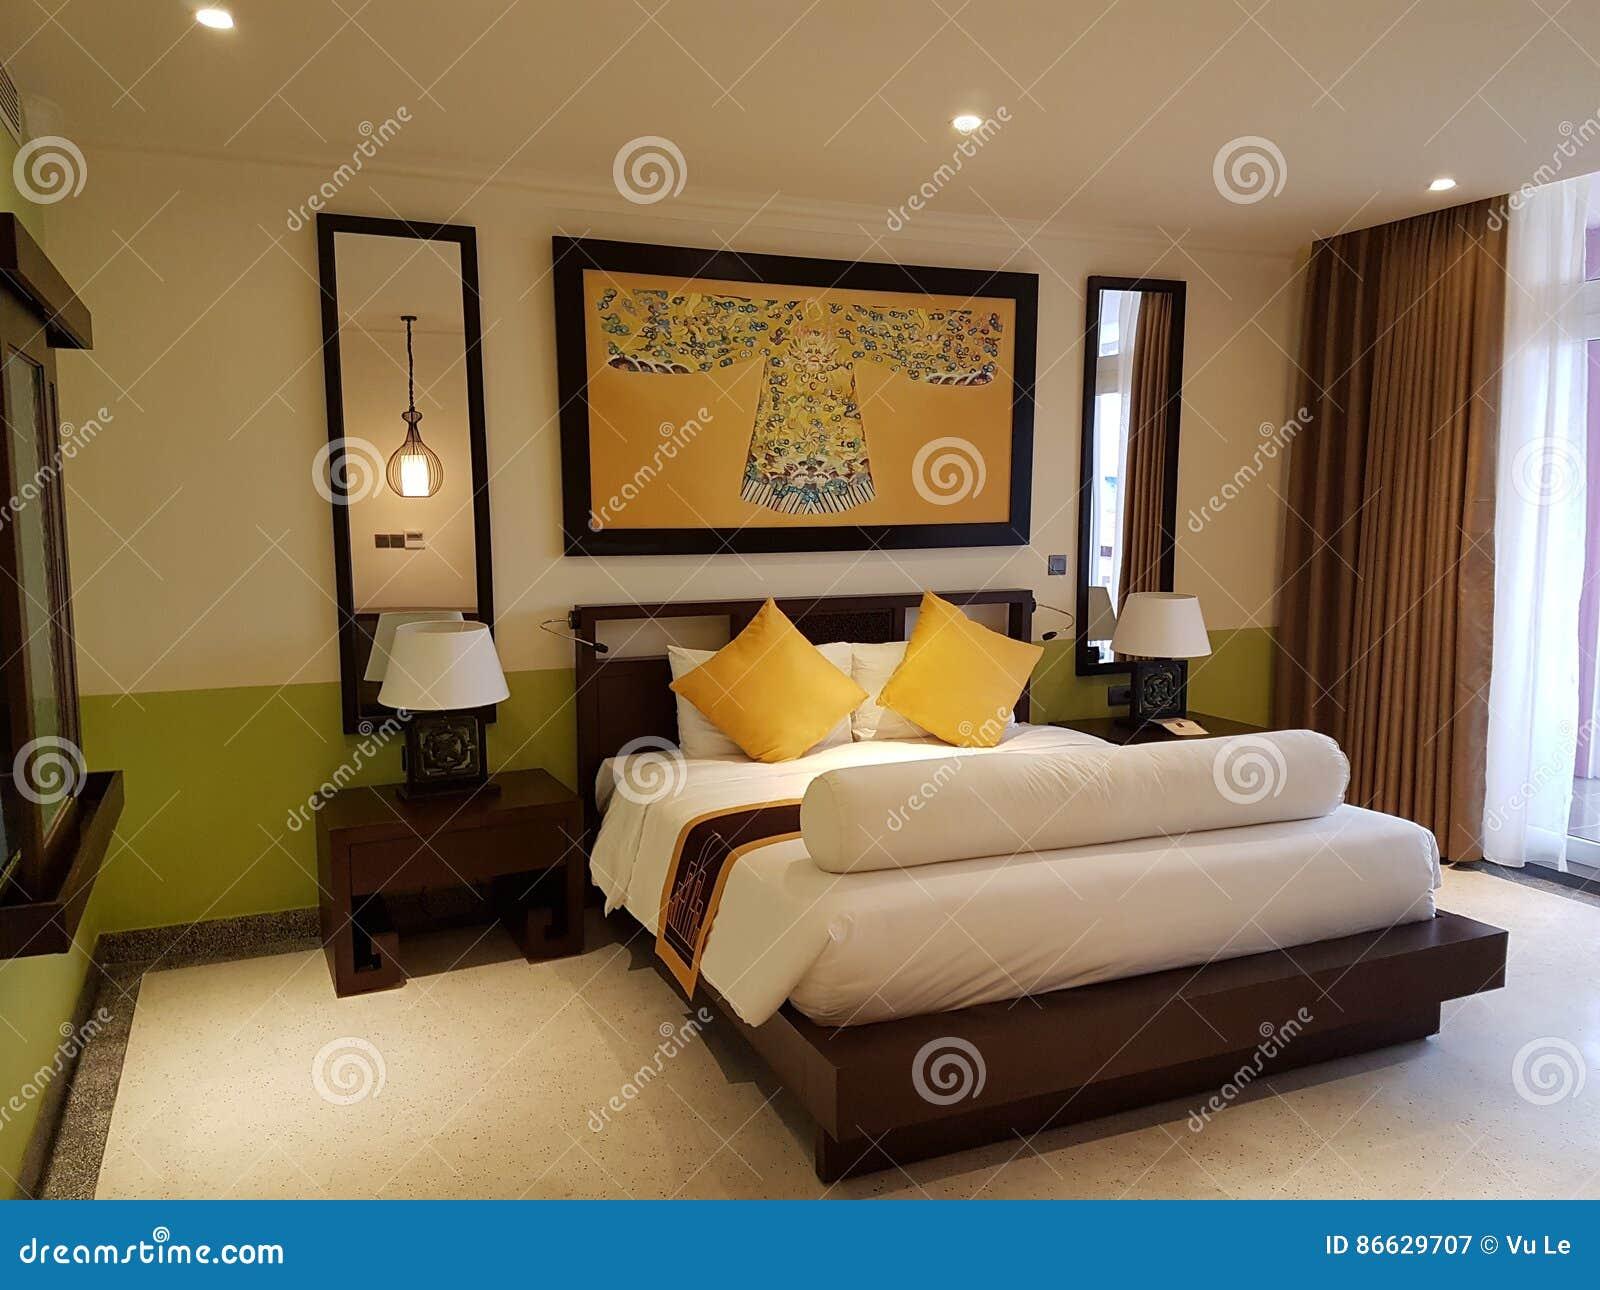 Chambre à coucher royale image stock. Image du royal - 86629707